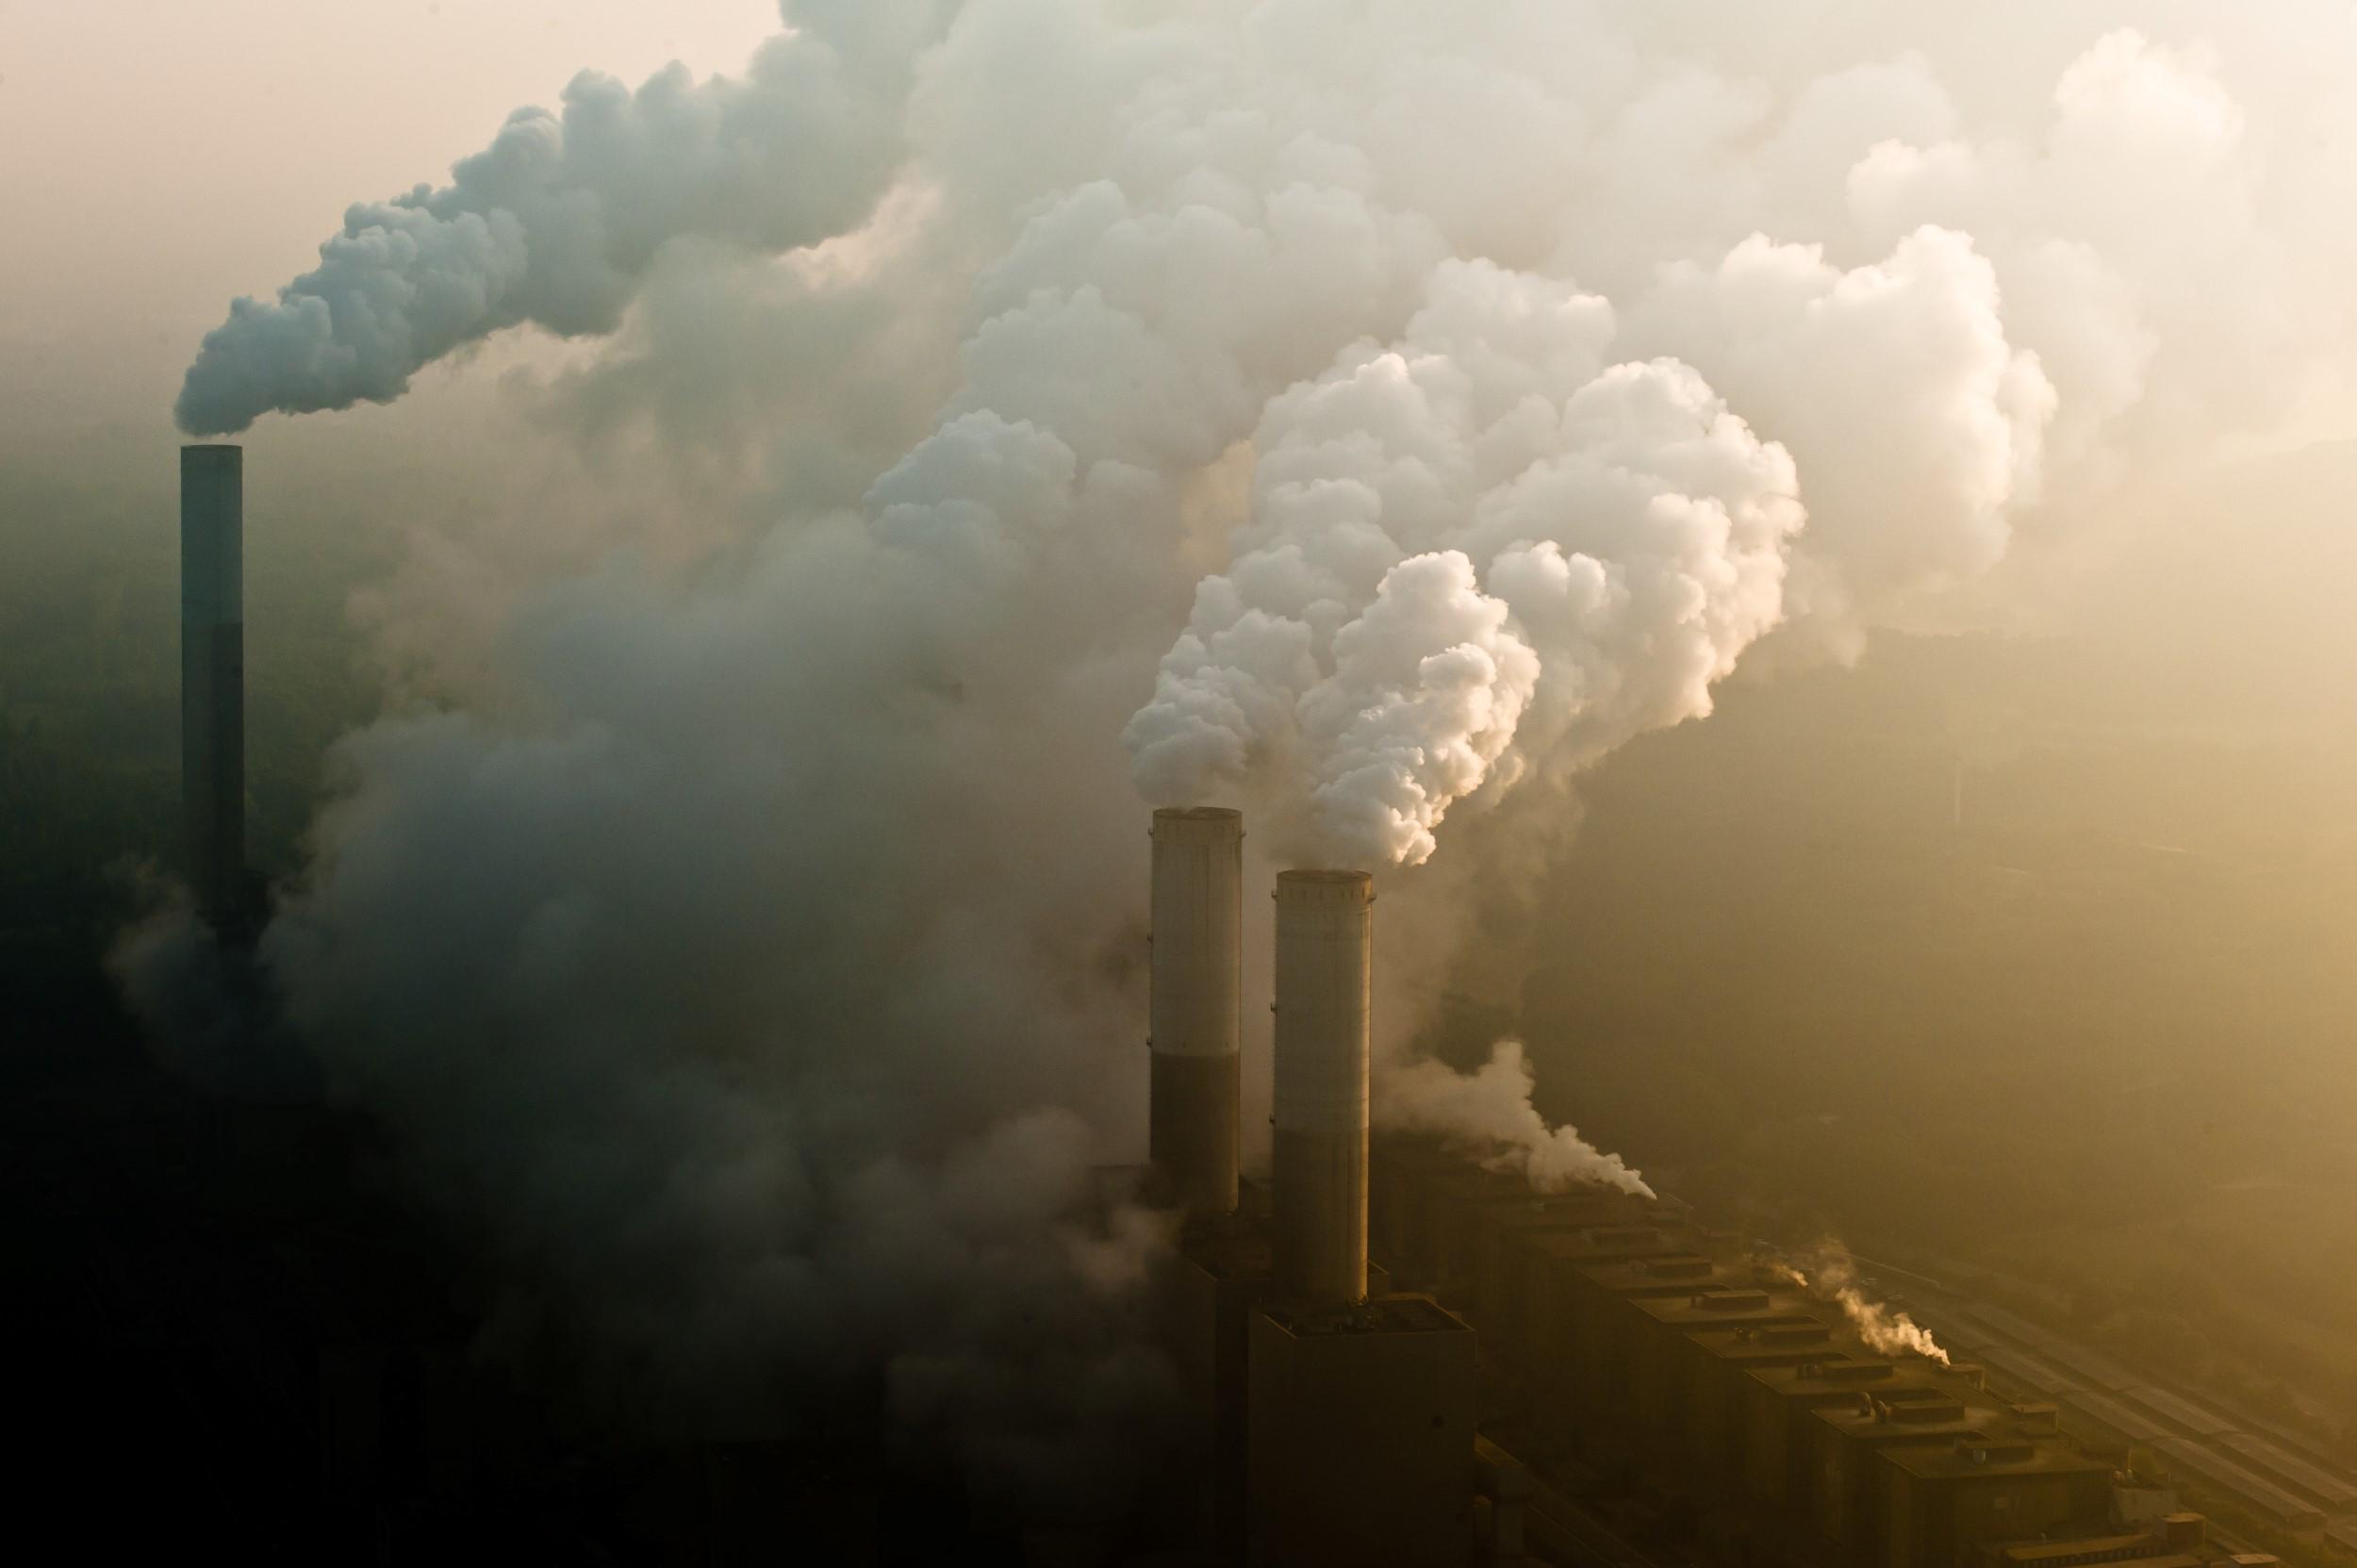 Kohleausstieg geht viel zu langsam